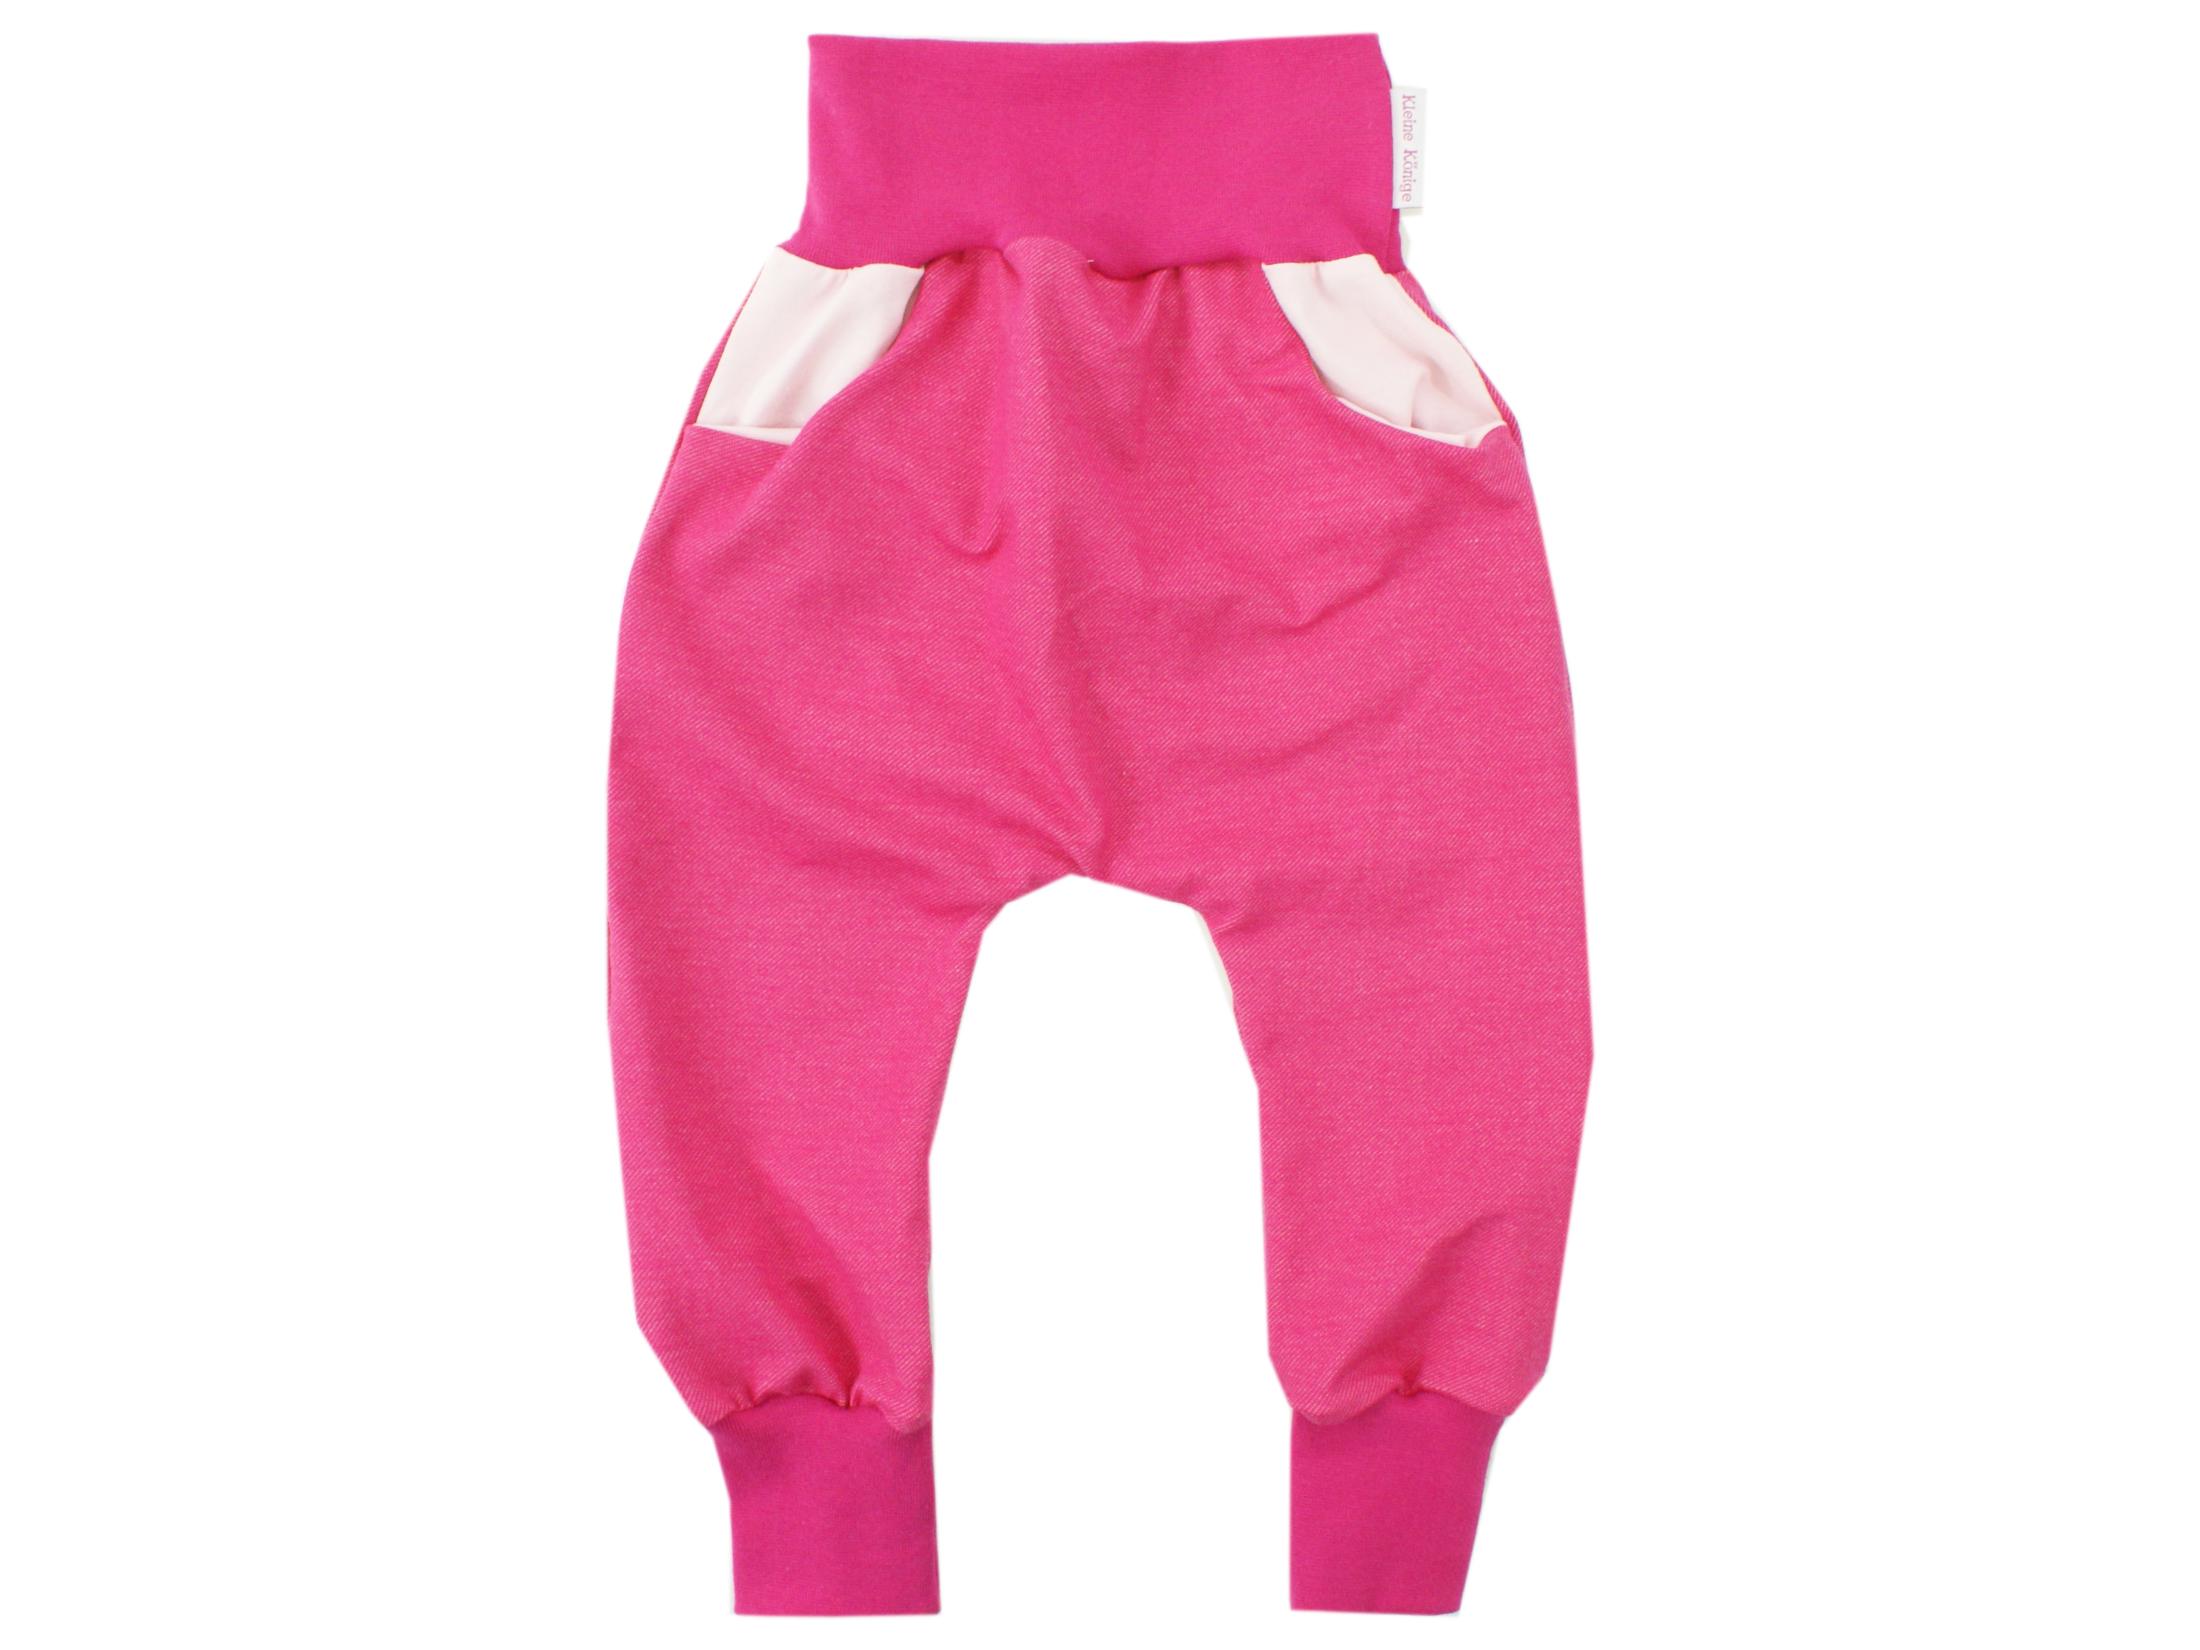 Kinderhose mit Taschen Jeansjersey pink